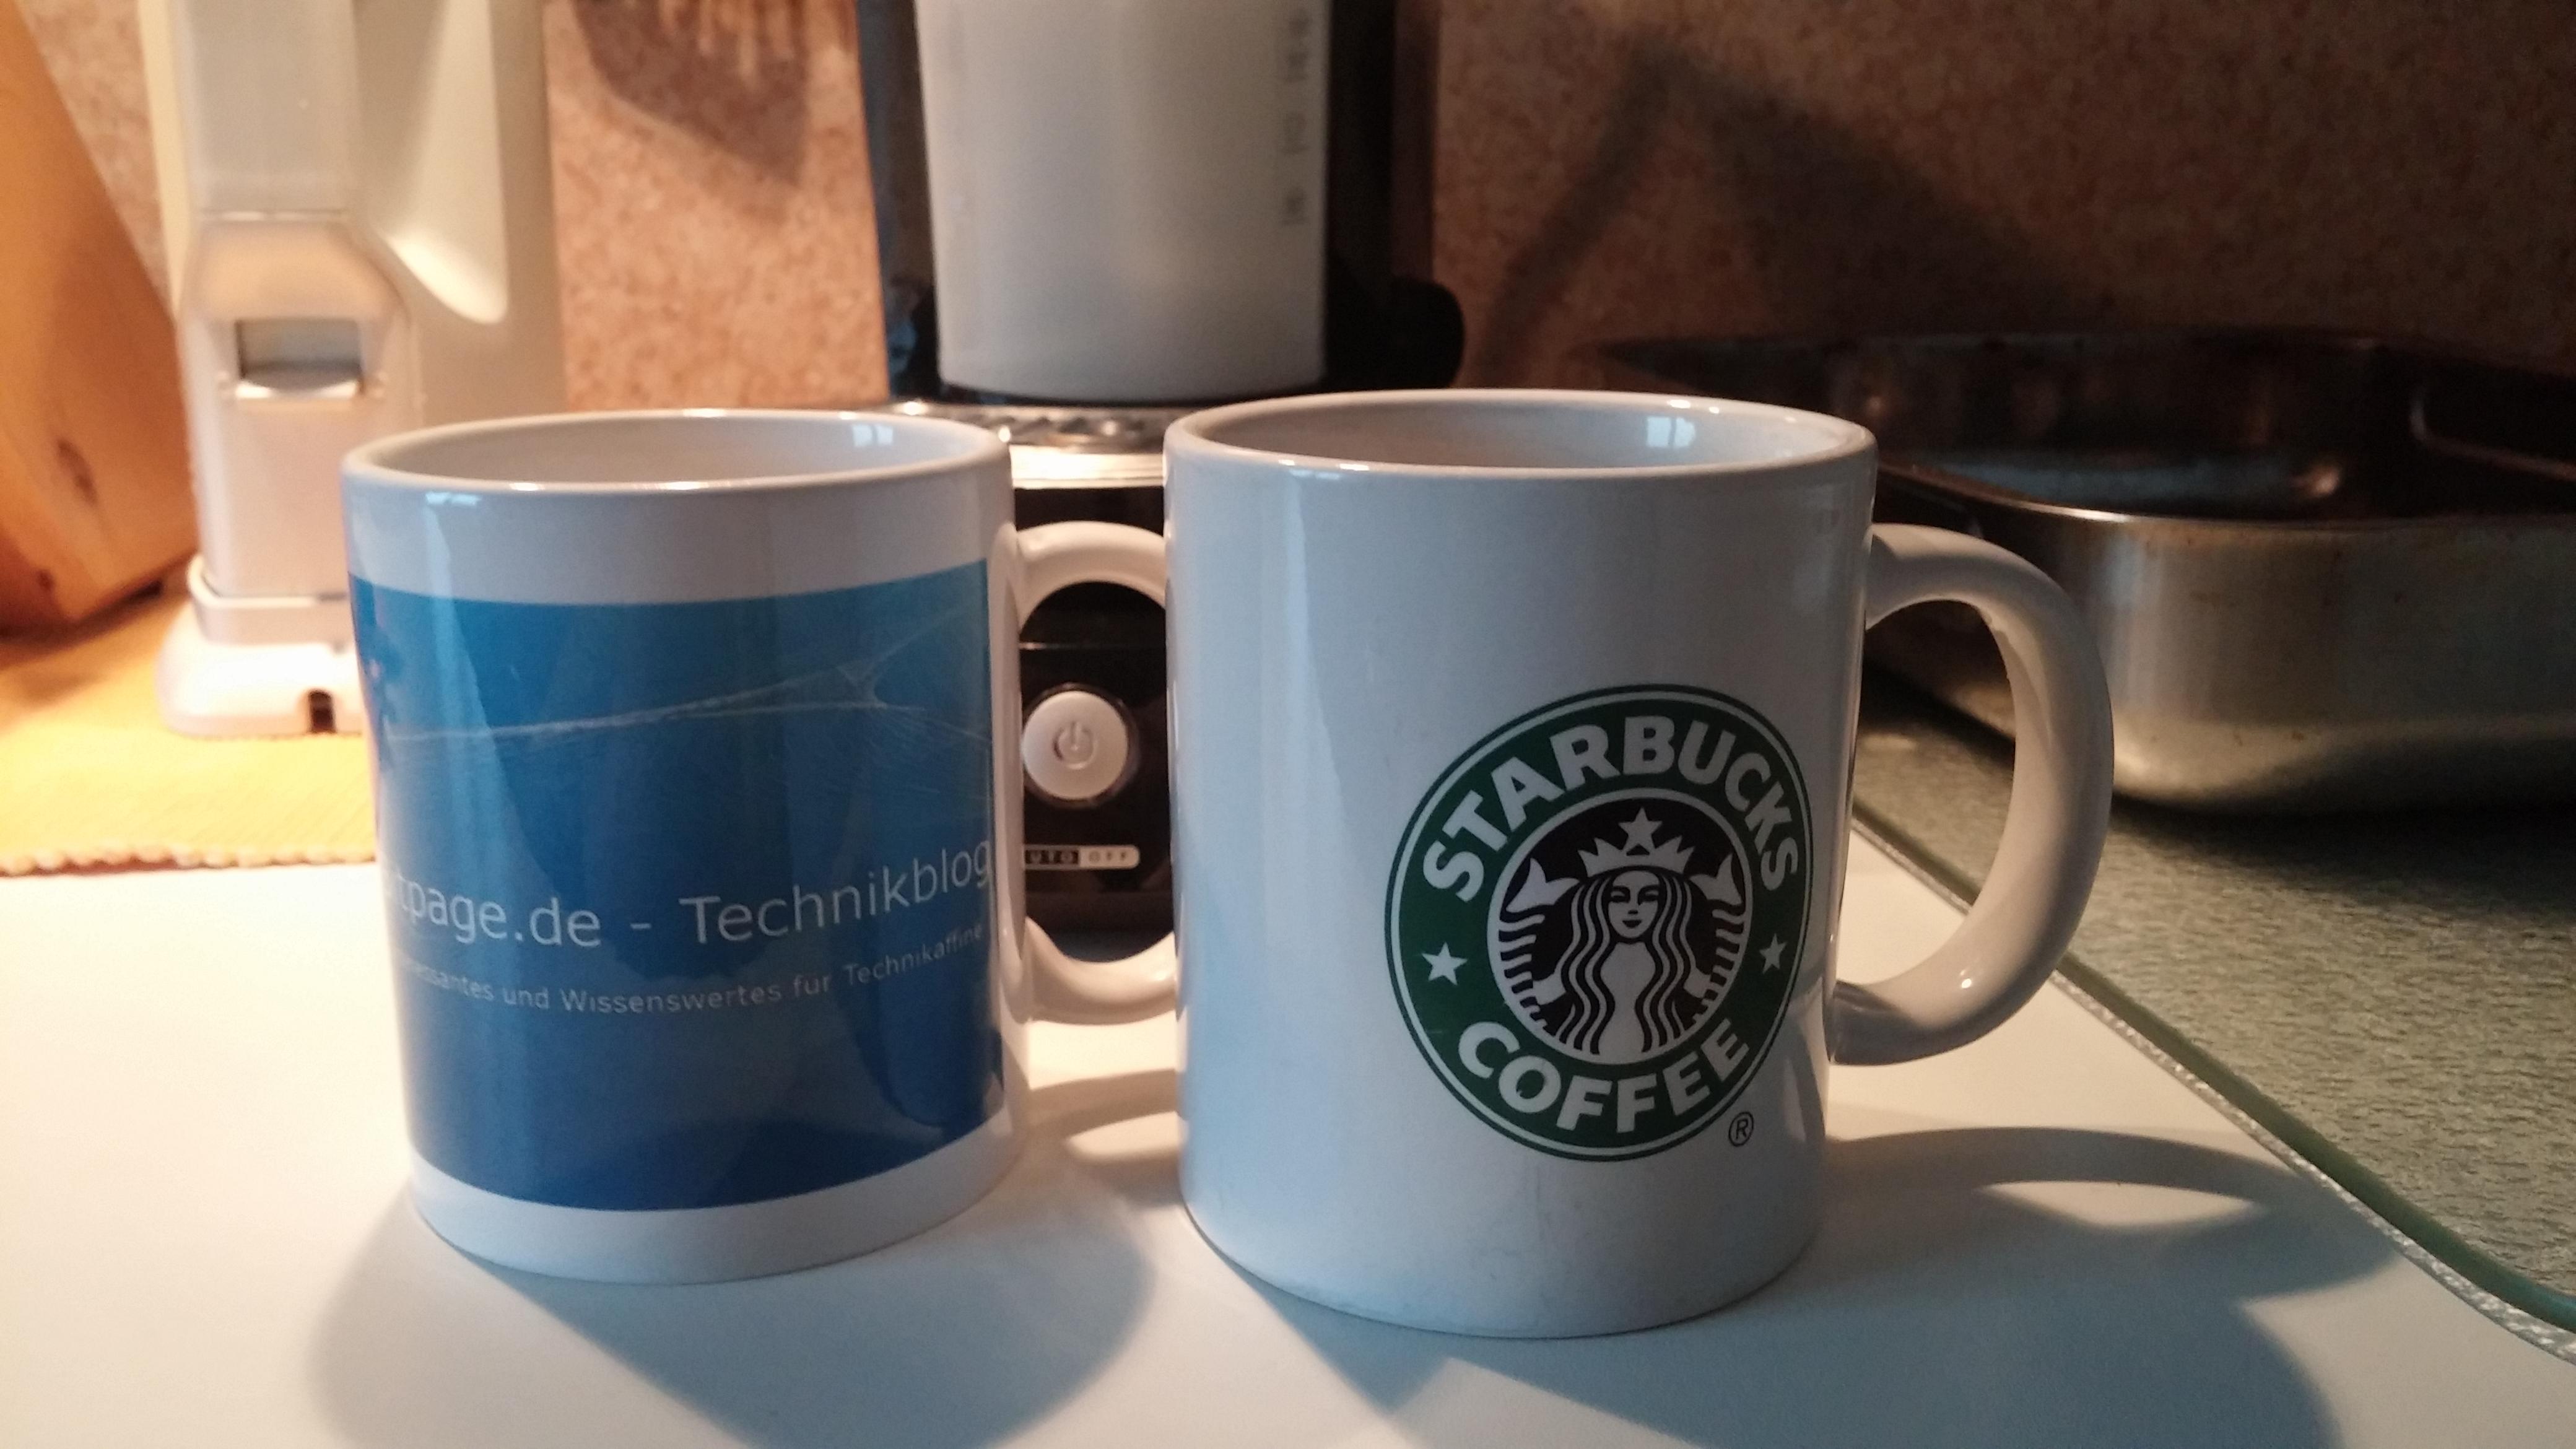 Starbucks und Bitpage.de